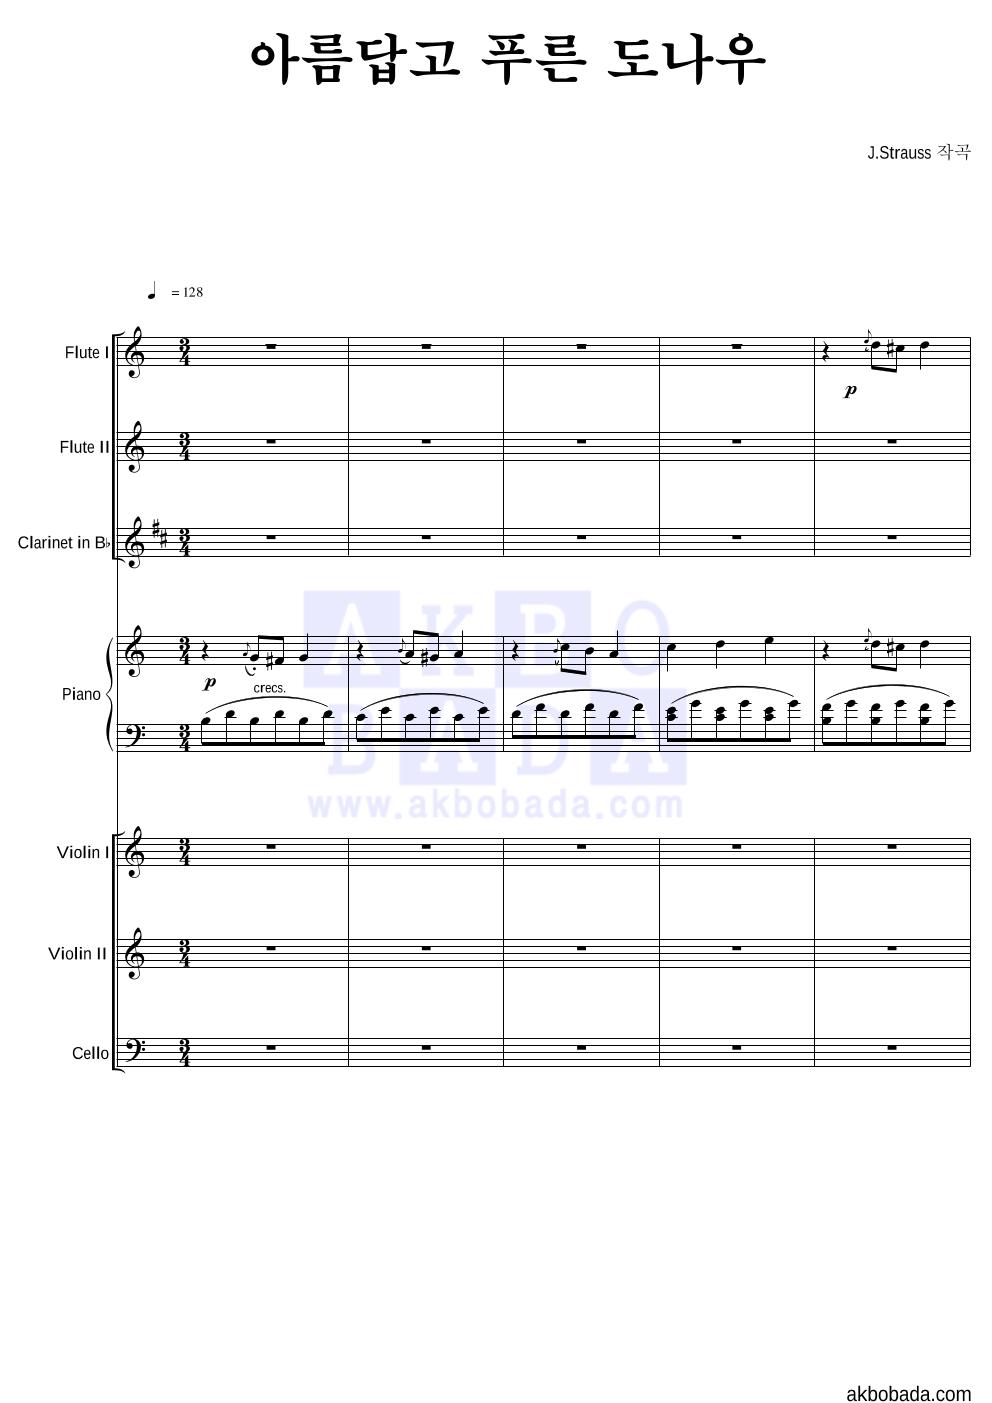 요한 슈트라우스 - 아름답고 푸른 도나우 편성Ⅰ 악보